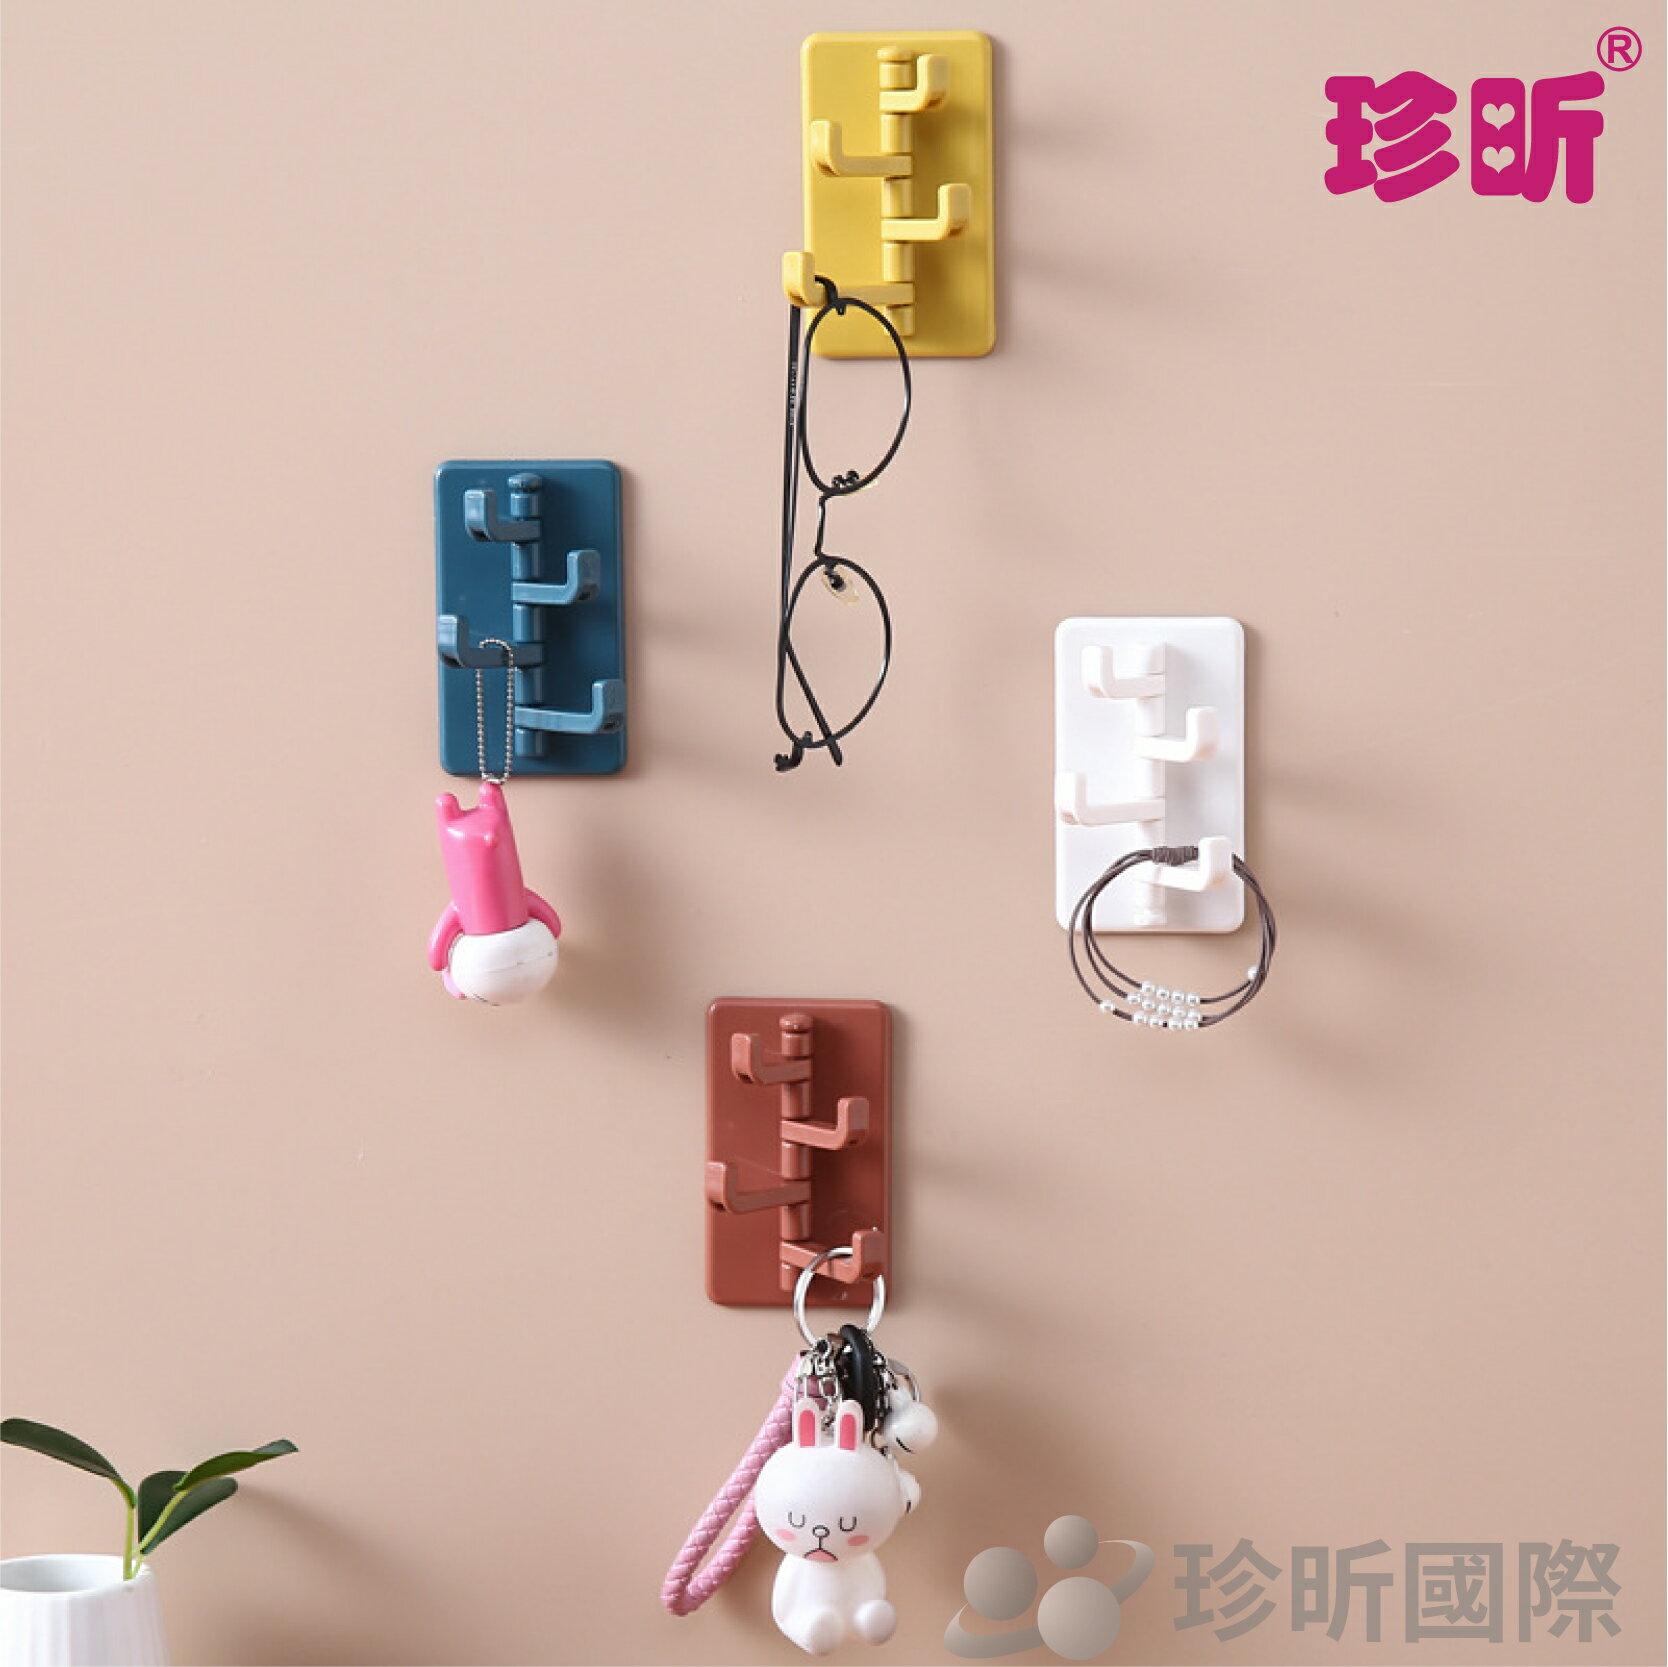 【珍昕】創意無痕掛鉤(約長9.5*寬5.5cm)~4色隨機出貨/廚房壁掛/浴室門鉤/免打孔/牆壁掛鉤